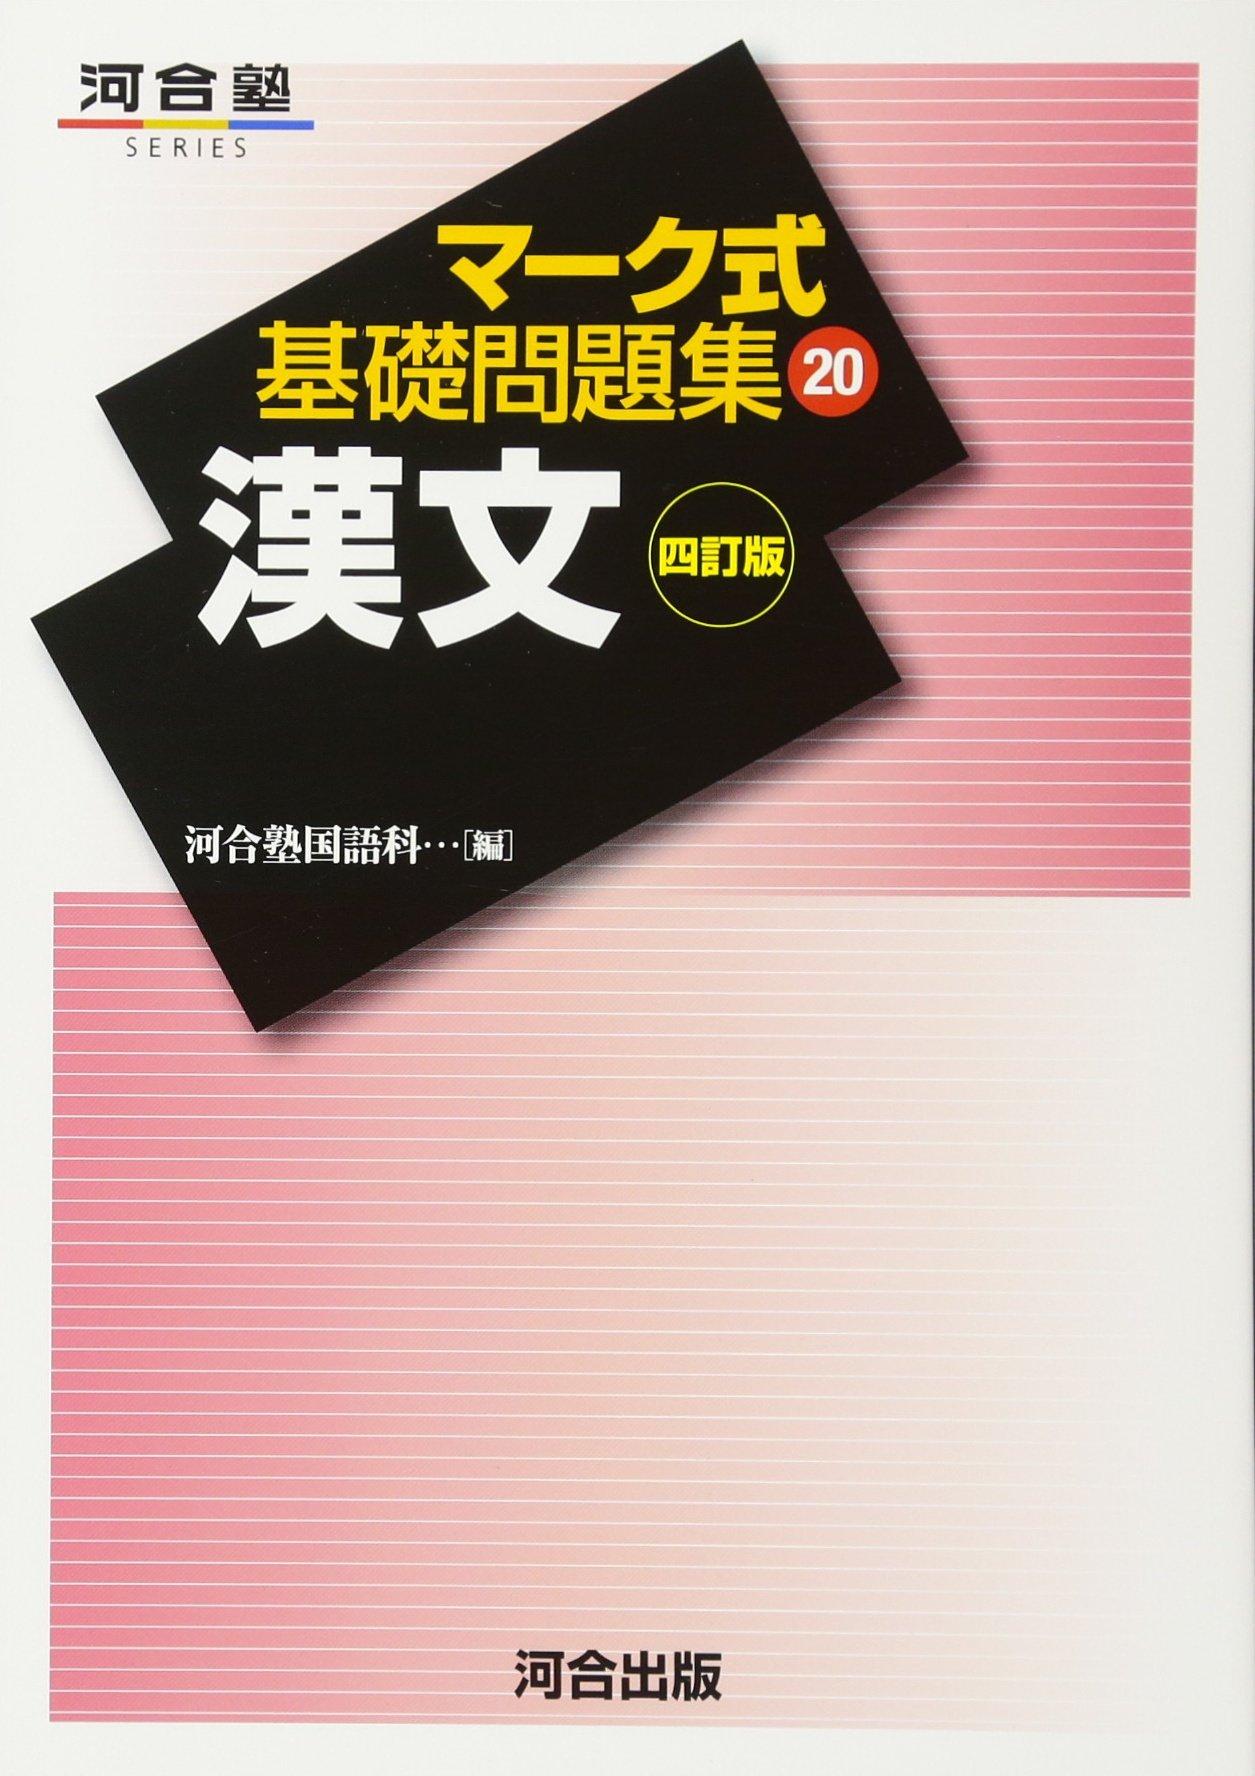 漢文のおすすめ参考書・問題集『マーク式基礎問題集 漢文』